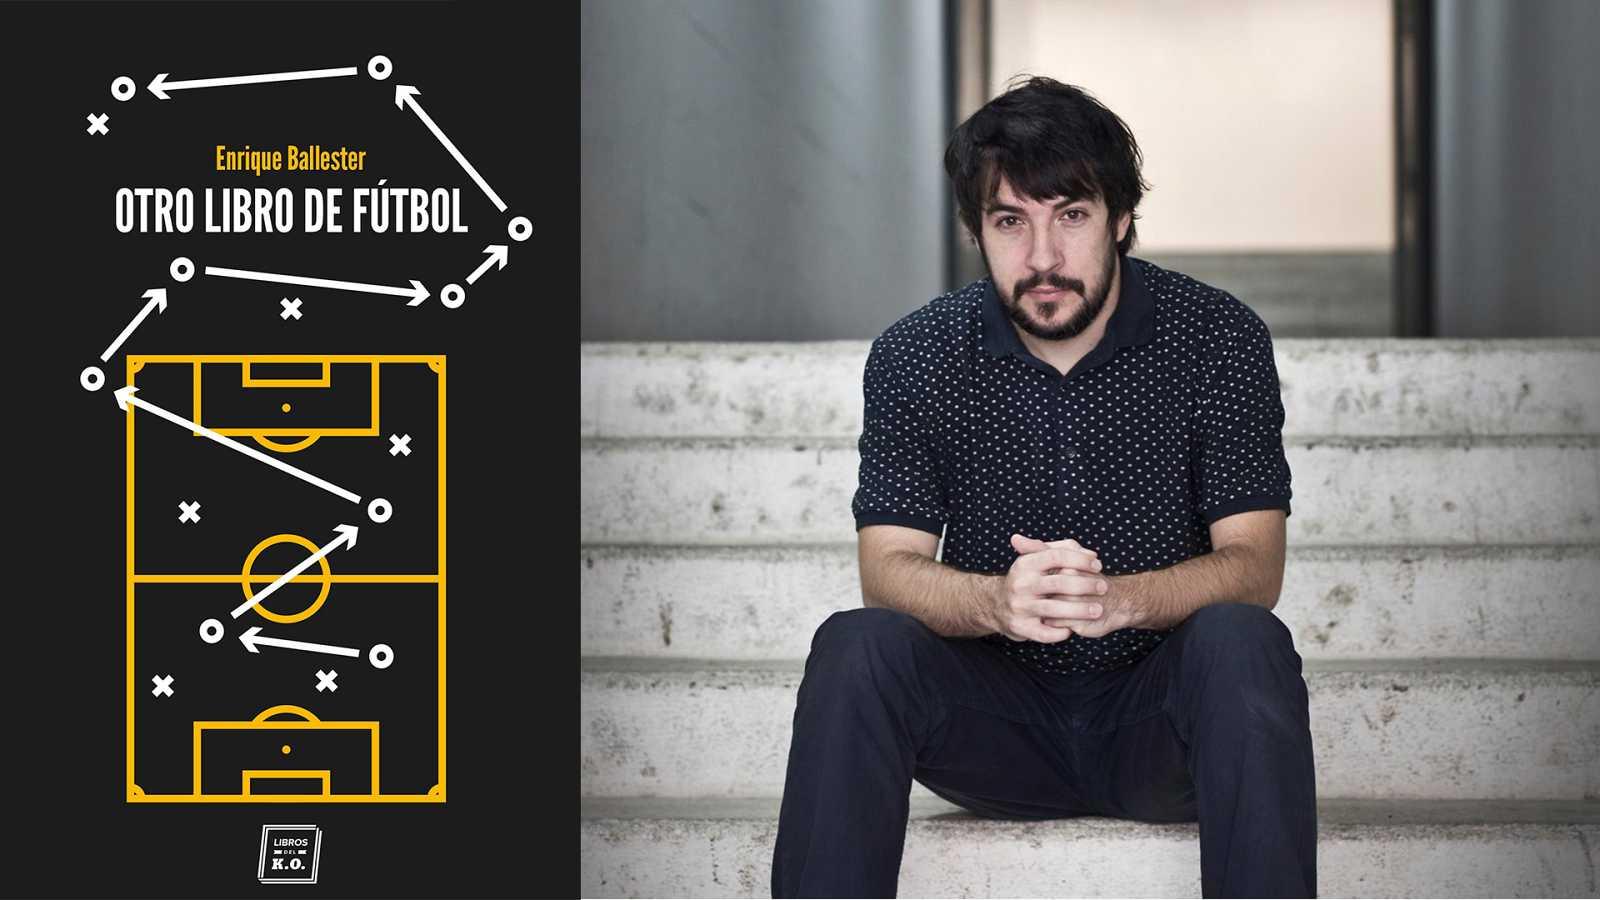 """Tablero deportivo - La biblioteca de Líbero: """"Otro libro de fútbol"""" - Escuchar ahora"""